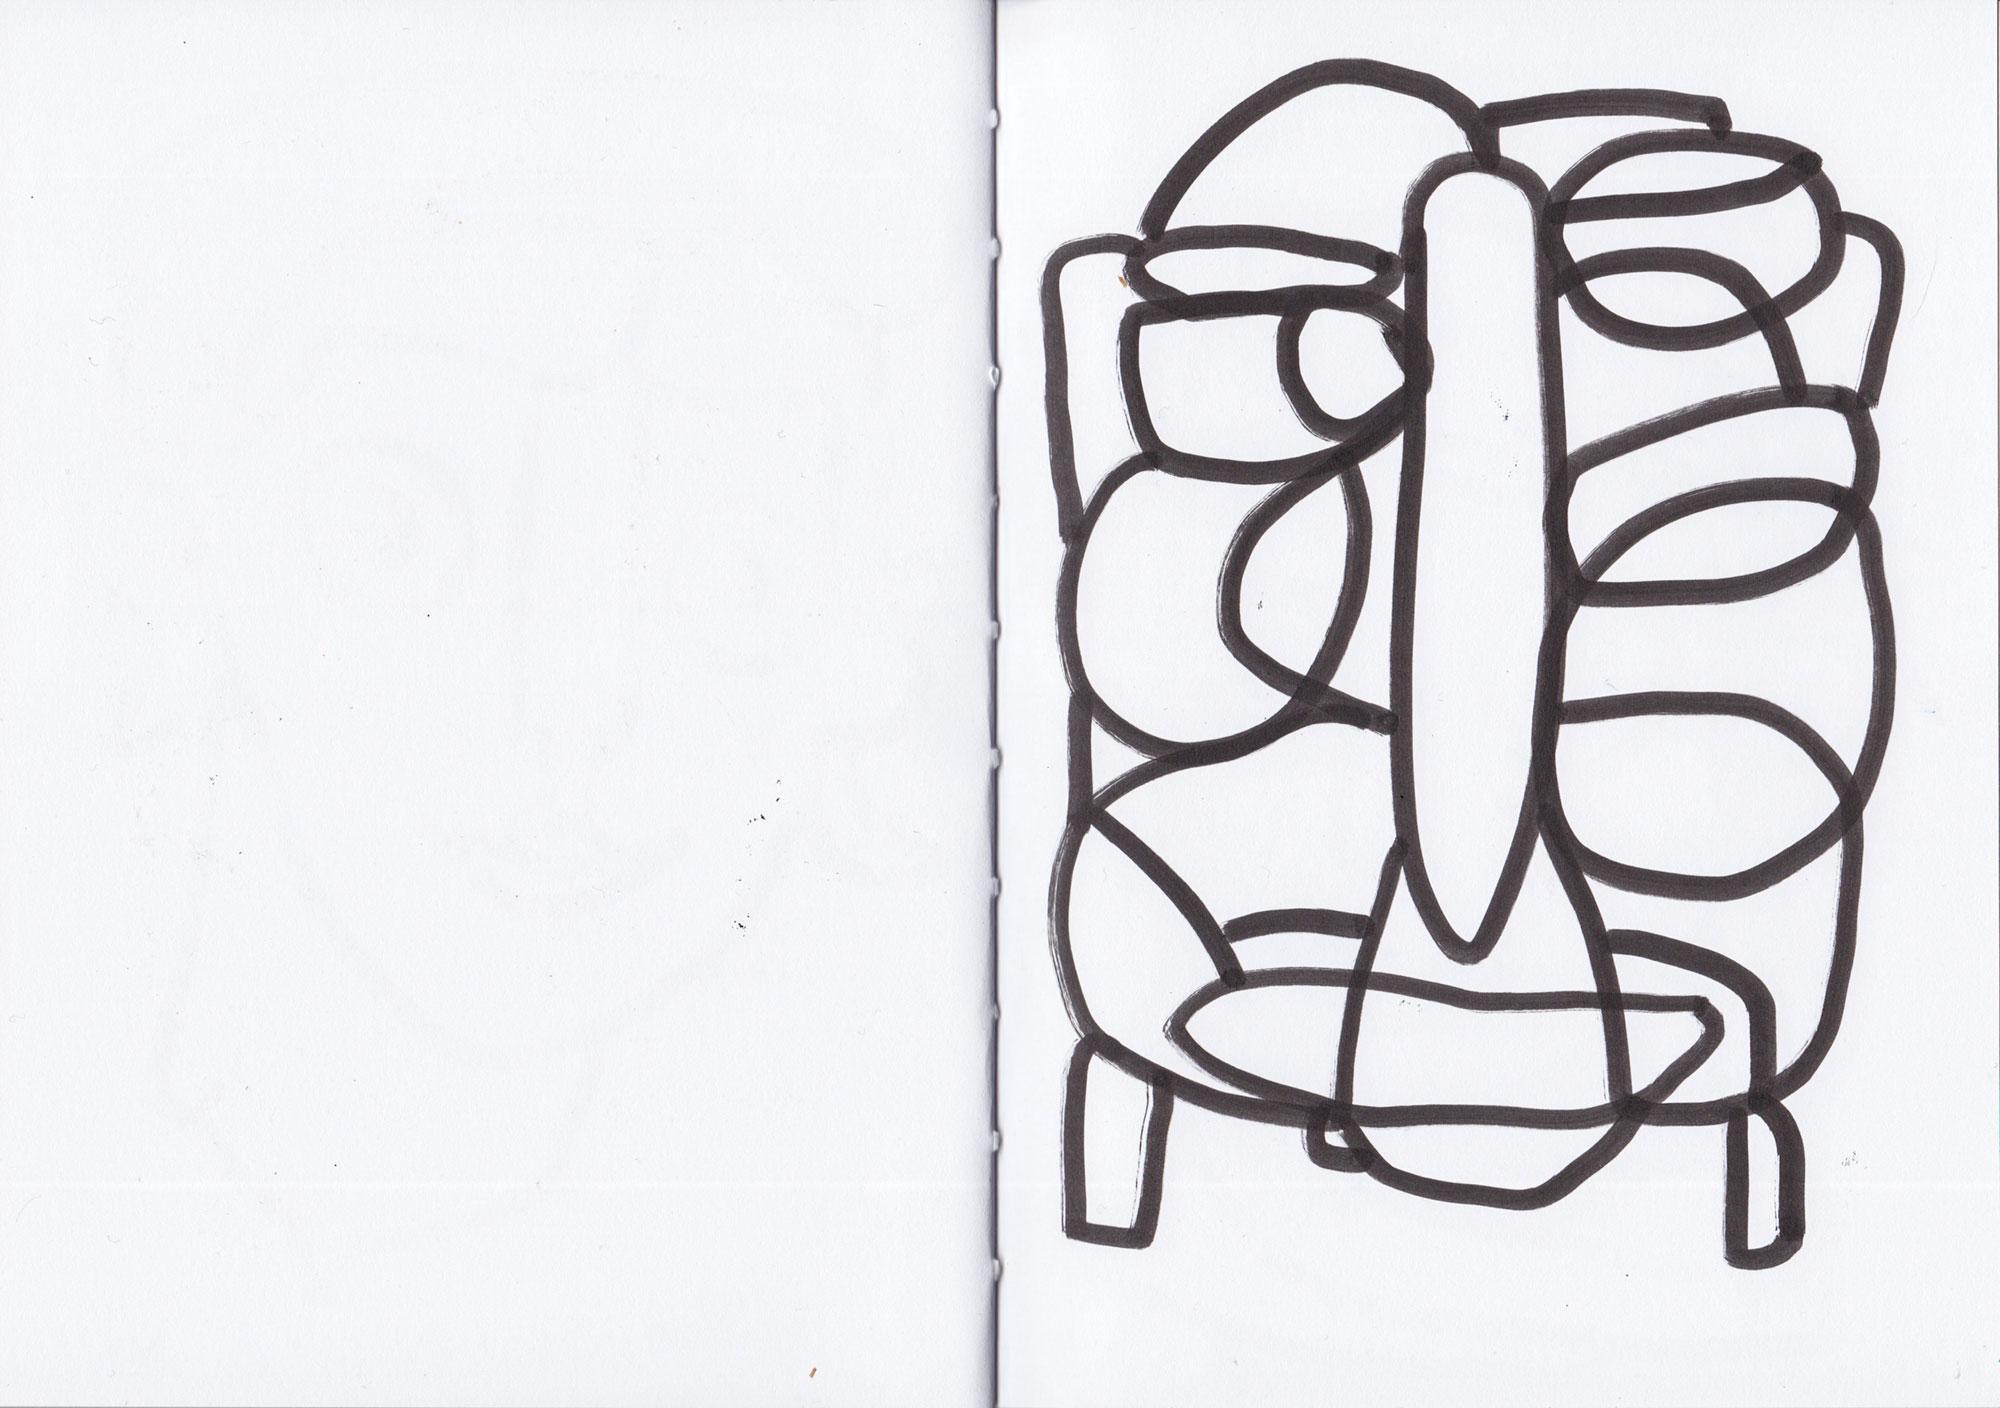 18-Scan-Book-FACES-DA-24